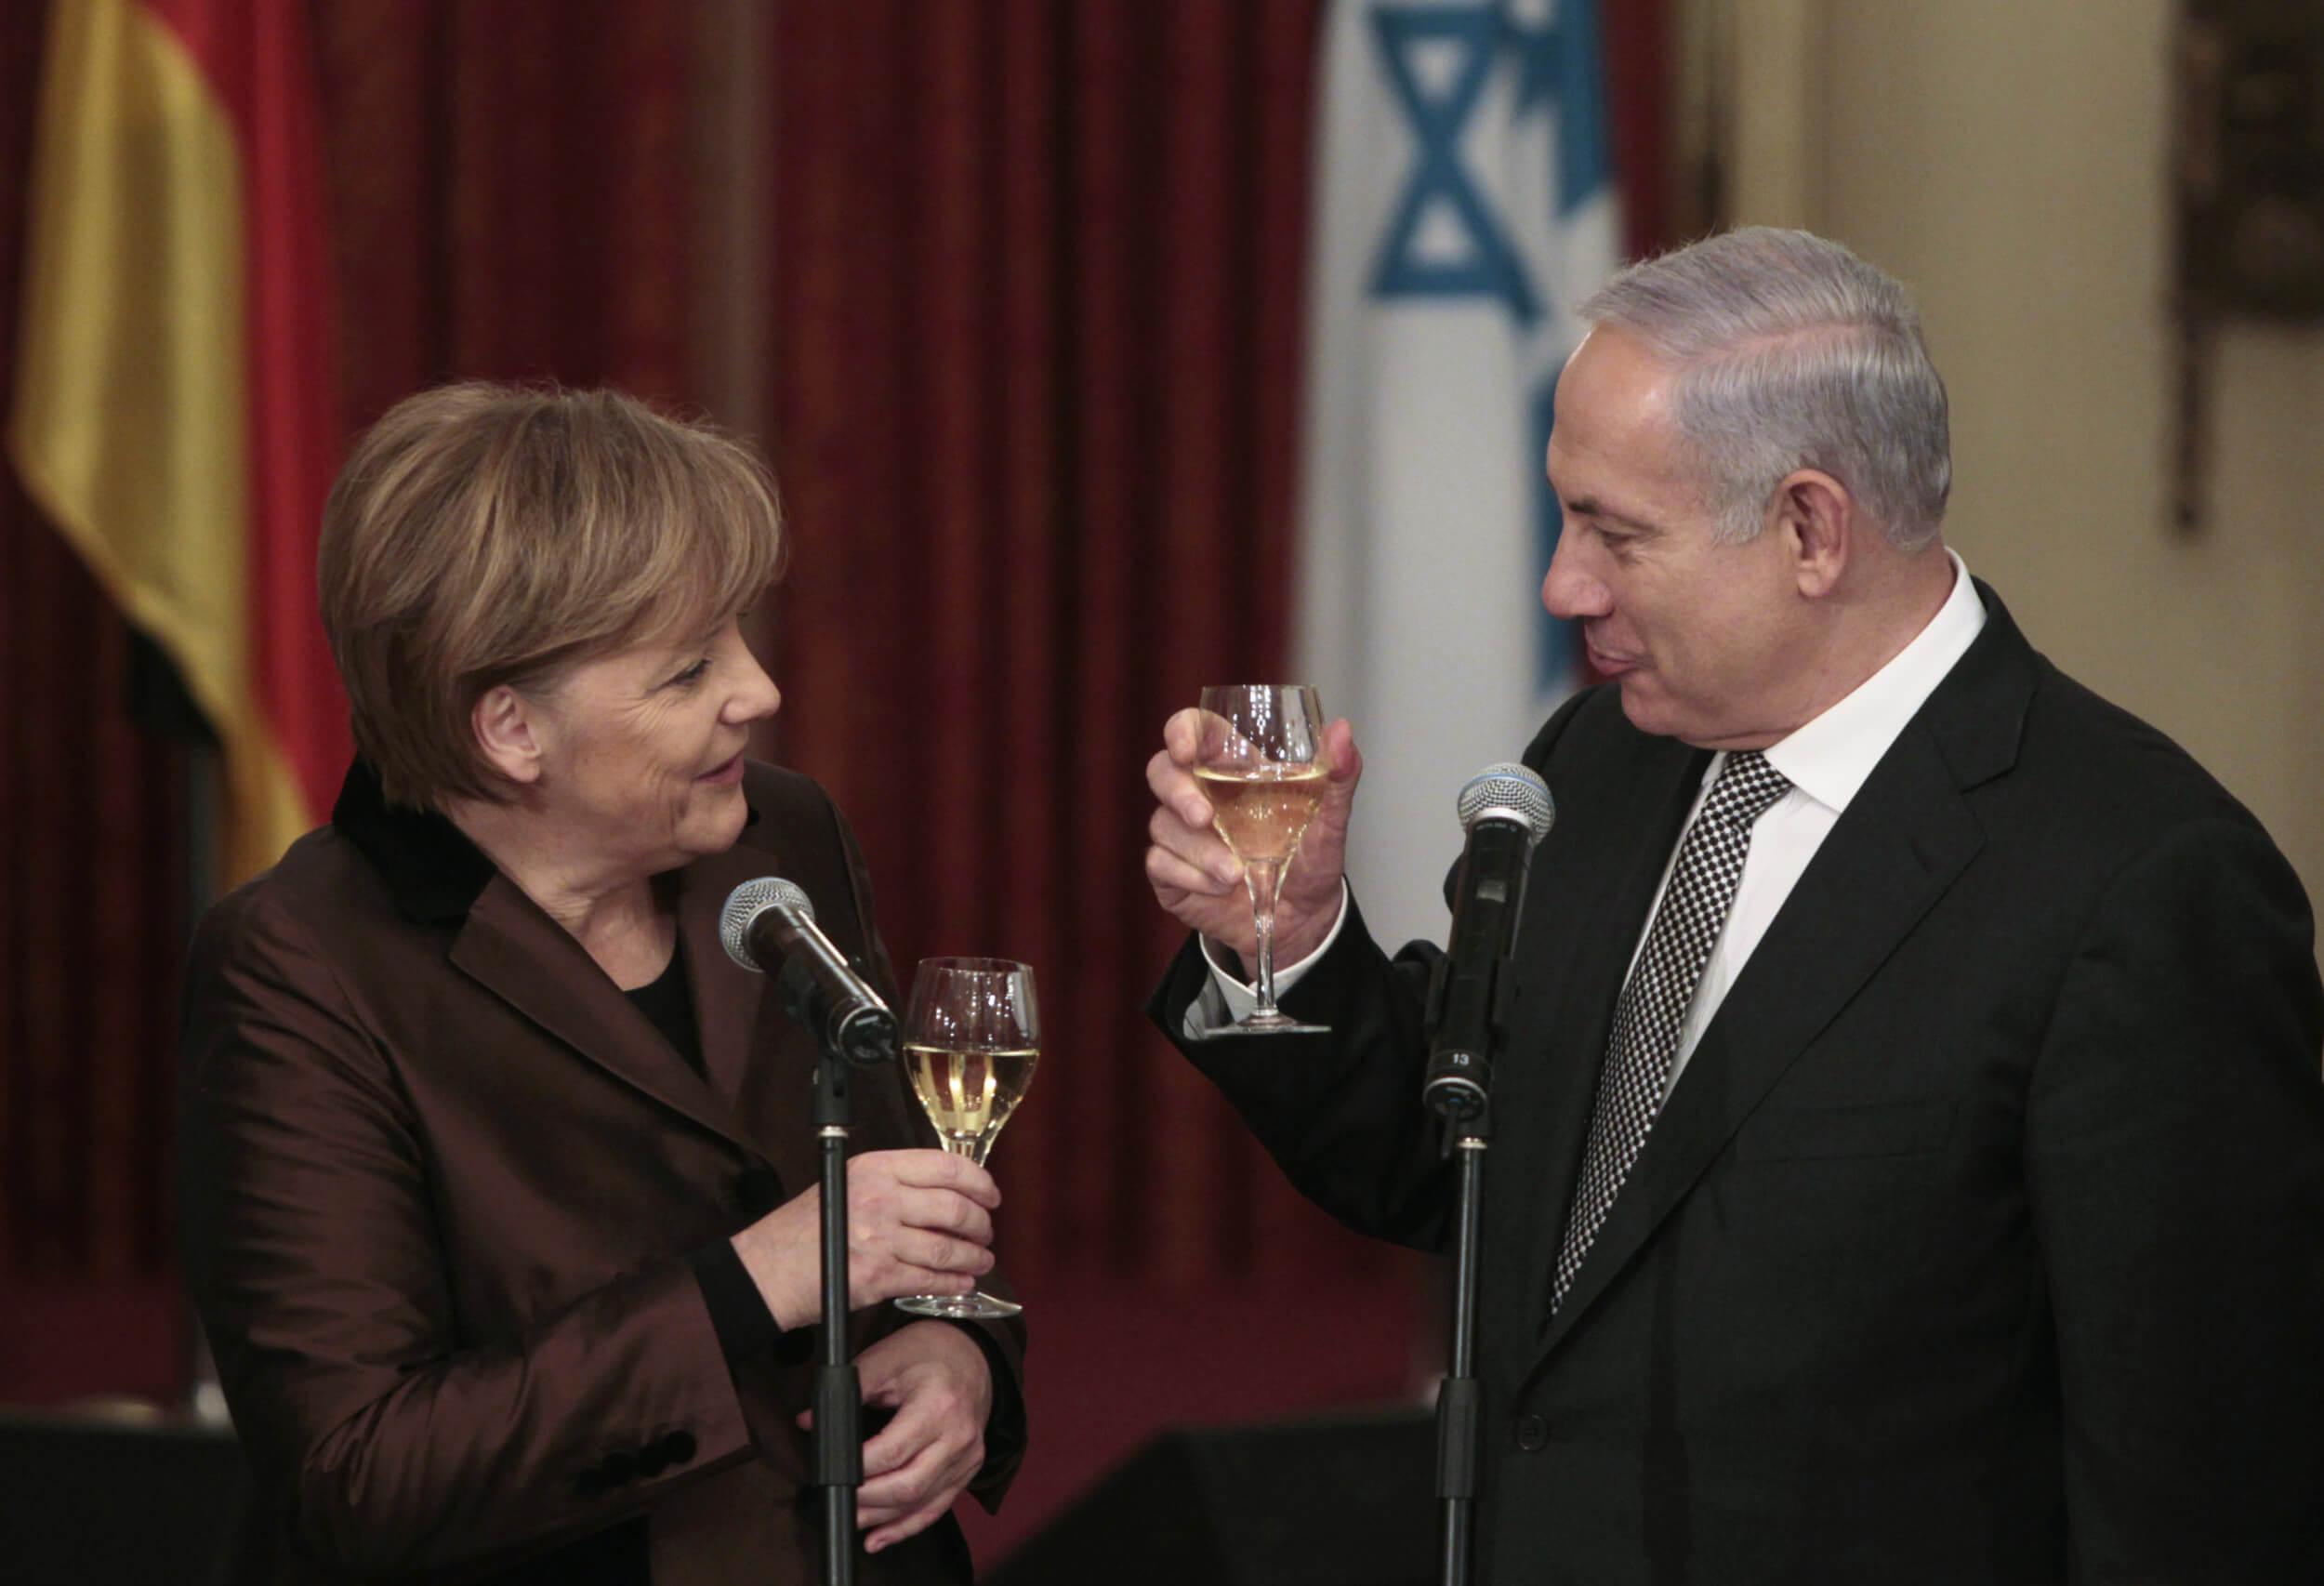 La vie des hommes infâmes : l'horreur et la pitié. - Page 3 Netanyahu-merkel-jerusalem-20